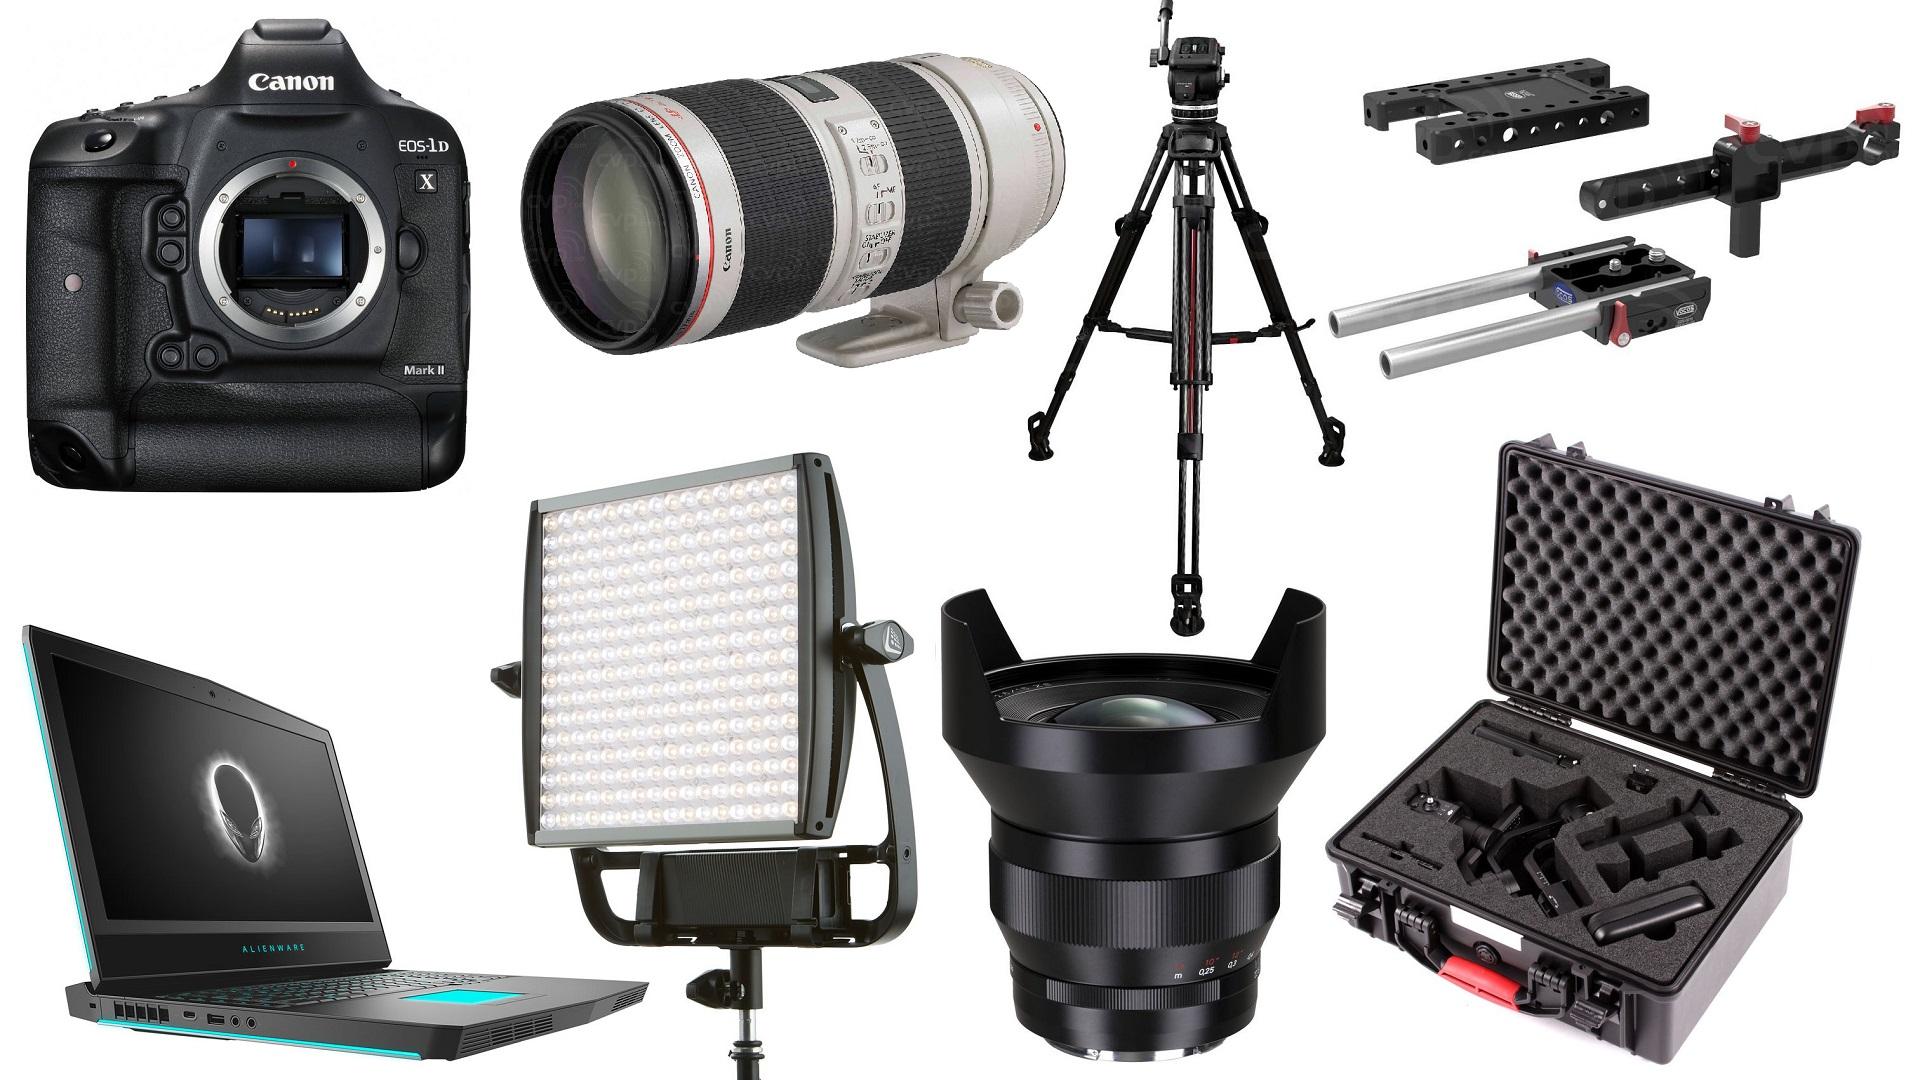 Las 10 mejores ofertas para cineastas de esta semana: Canon 1DX Mark II, lente ZEISS, Litepanels y más